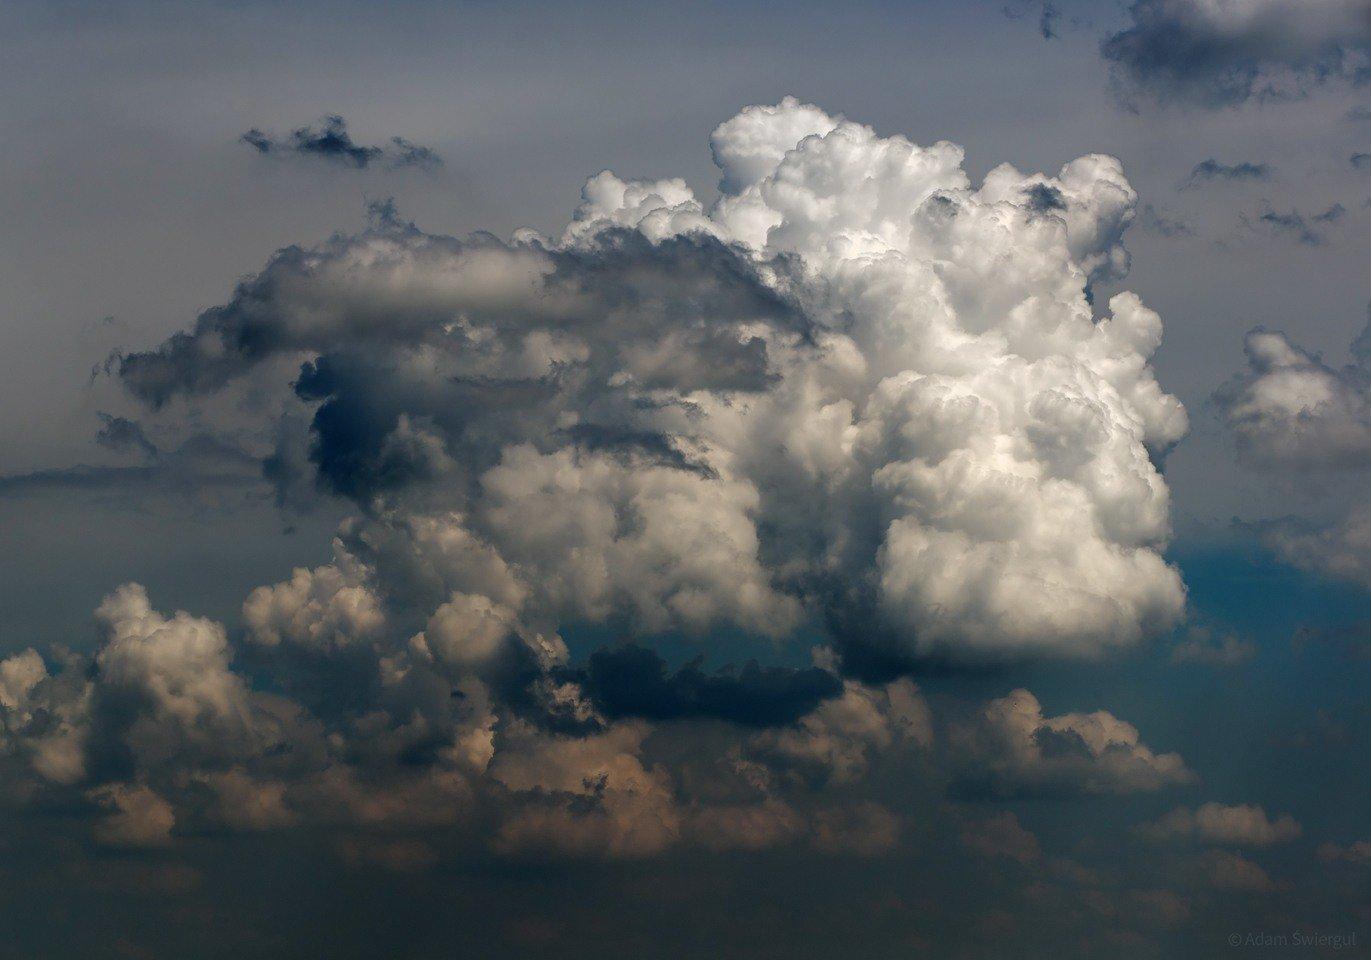 Chmura zła